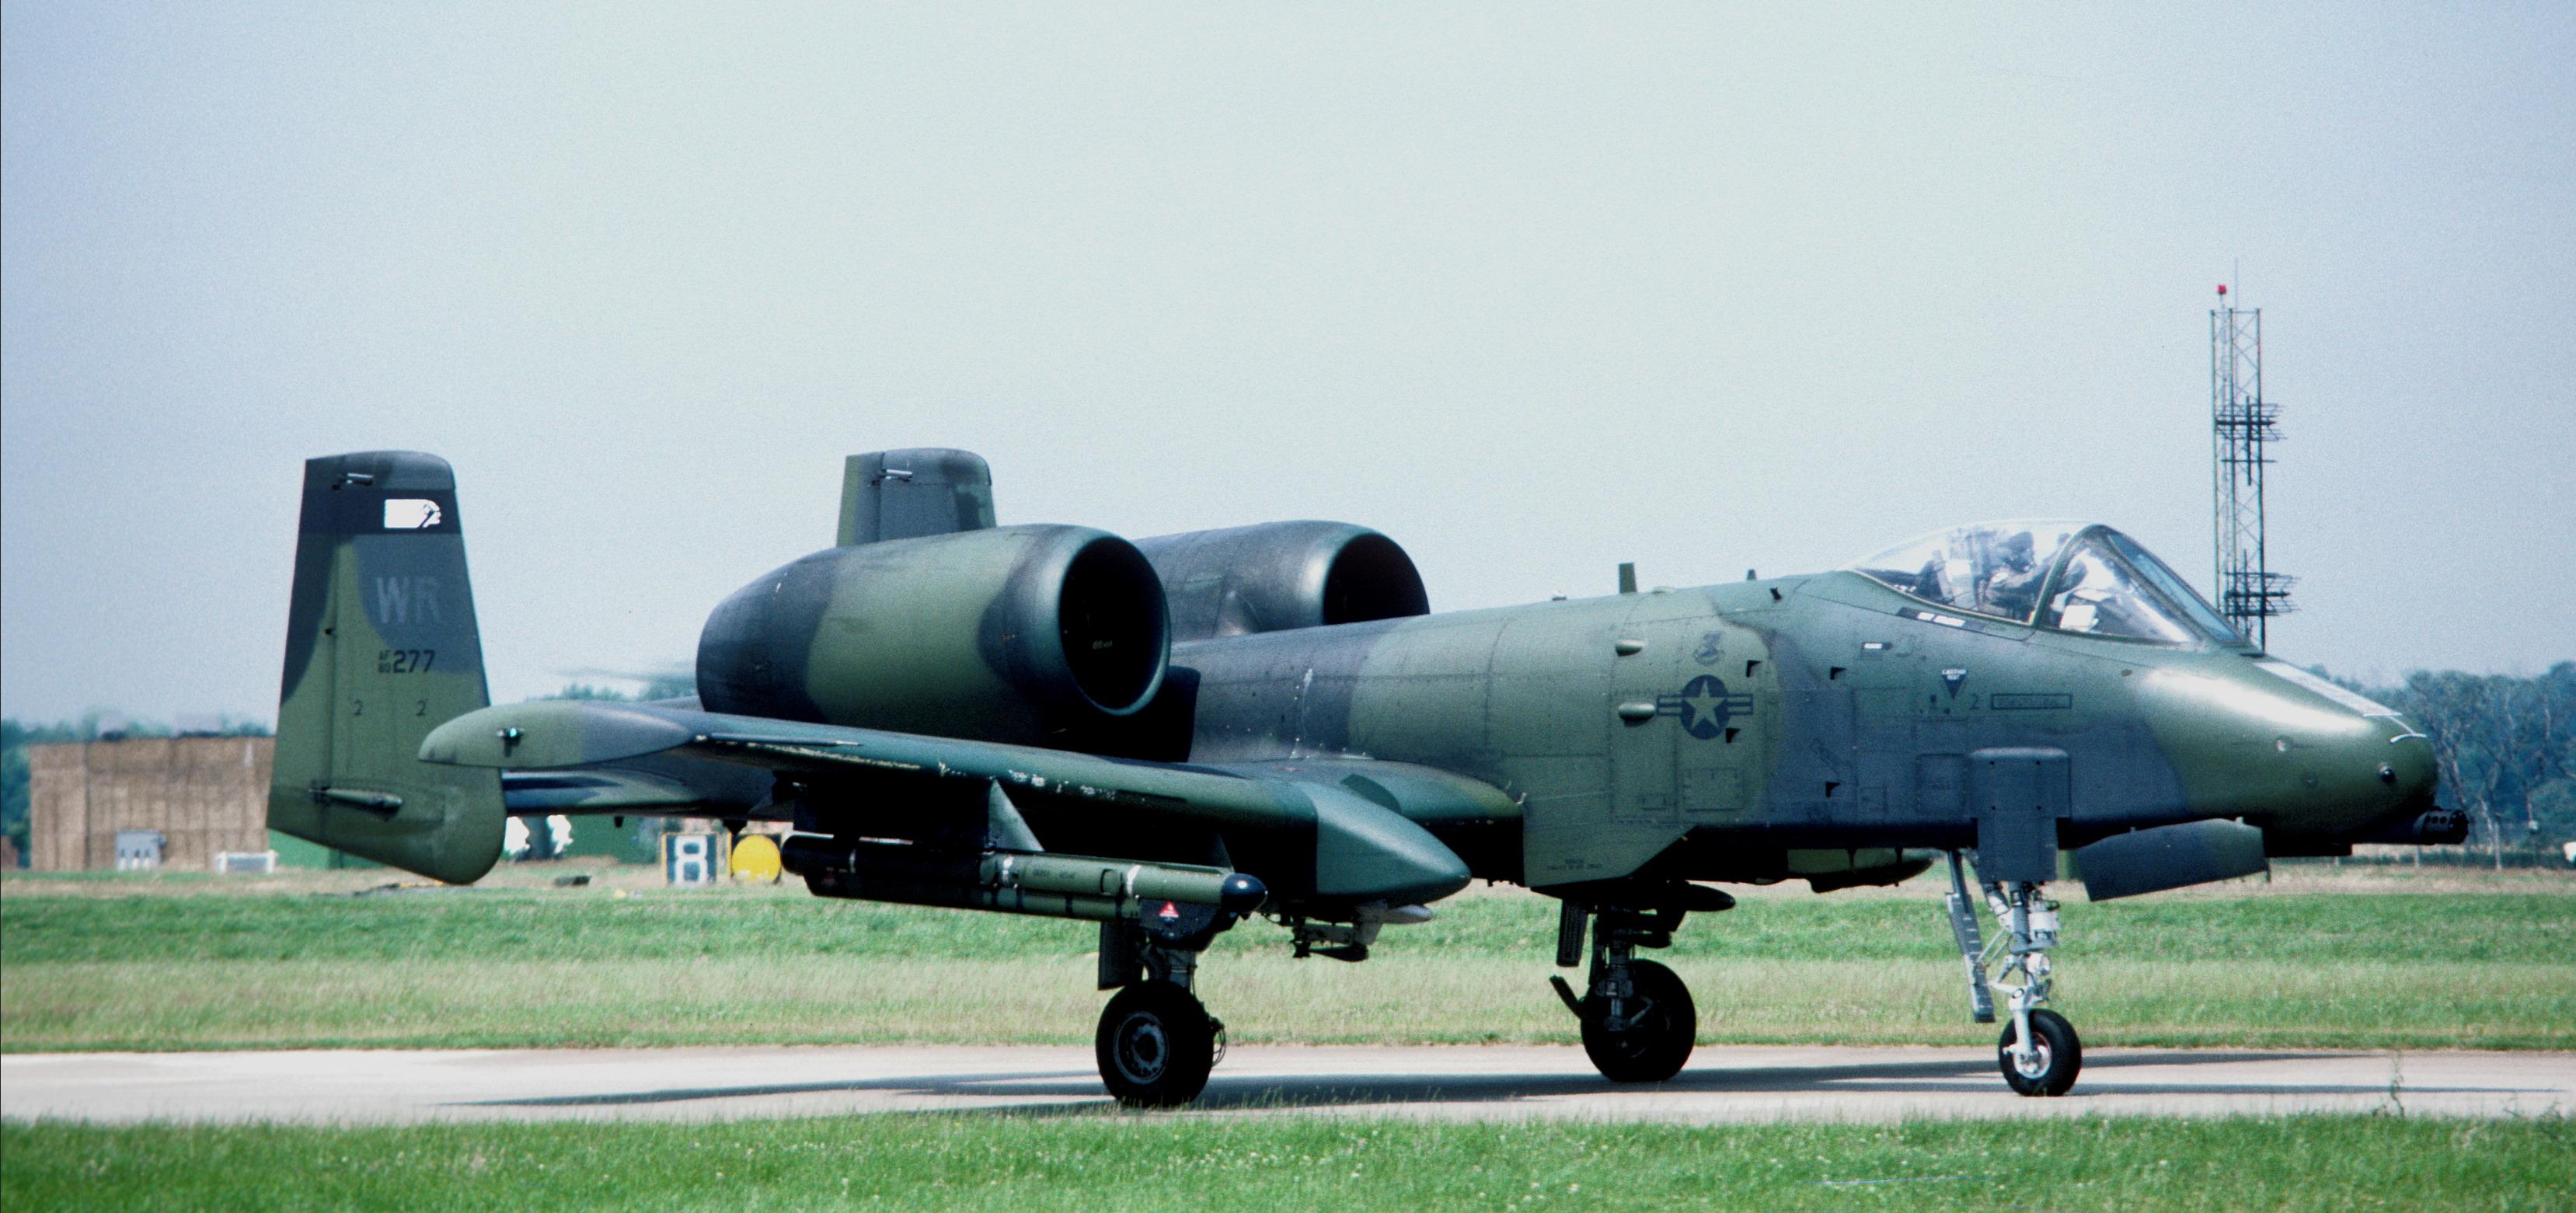 a-10a_wr_80-277_81_tfw_raf_bentwaters_17_july_1985.jpg